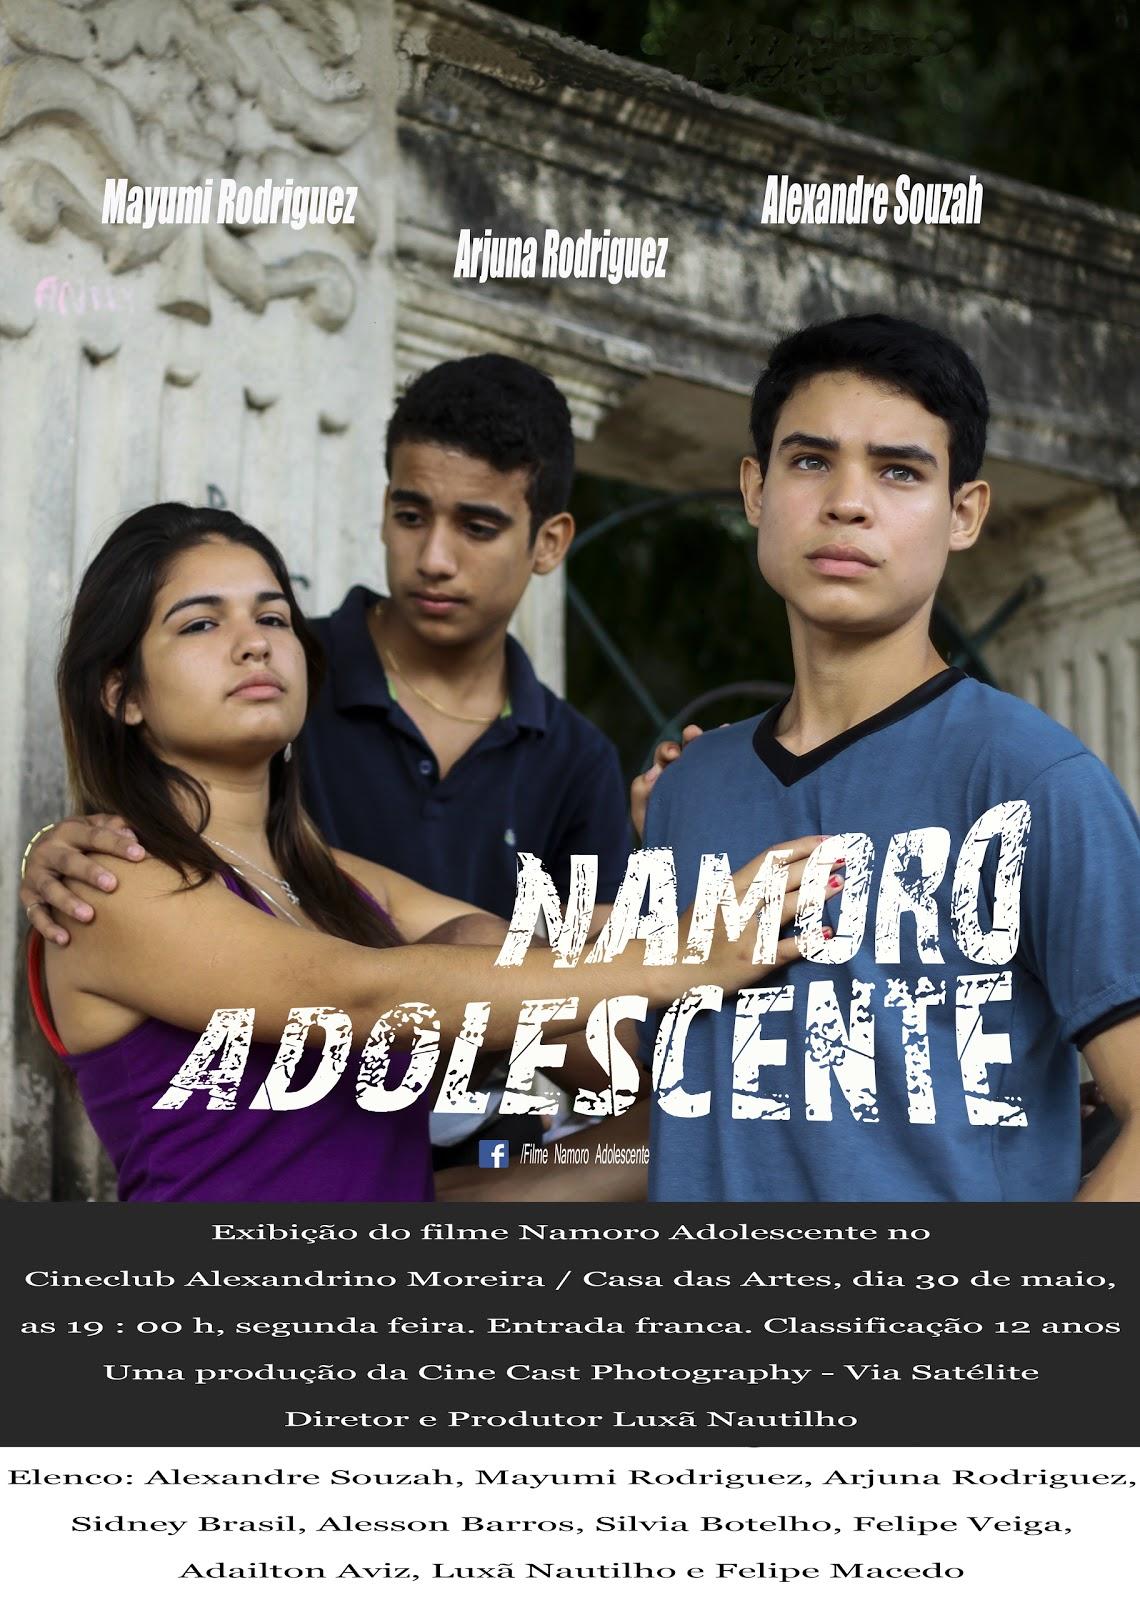 Exibição do filme Namoro Adolescente no Cineclub Alexandrino Moreira / Casa das Artes, 30.05.2016